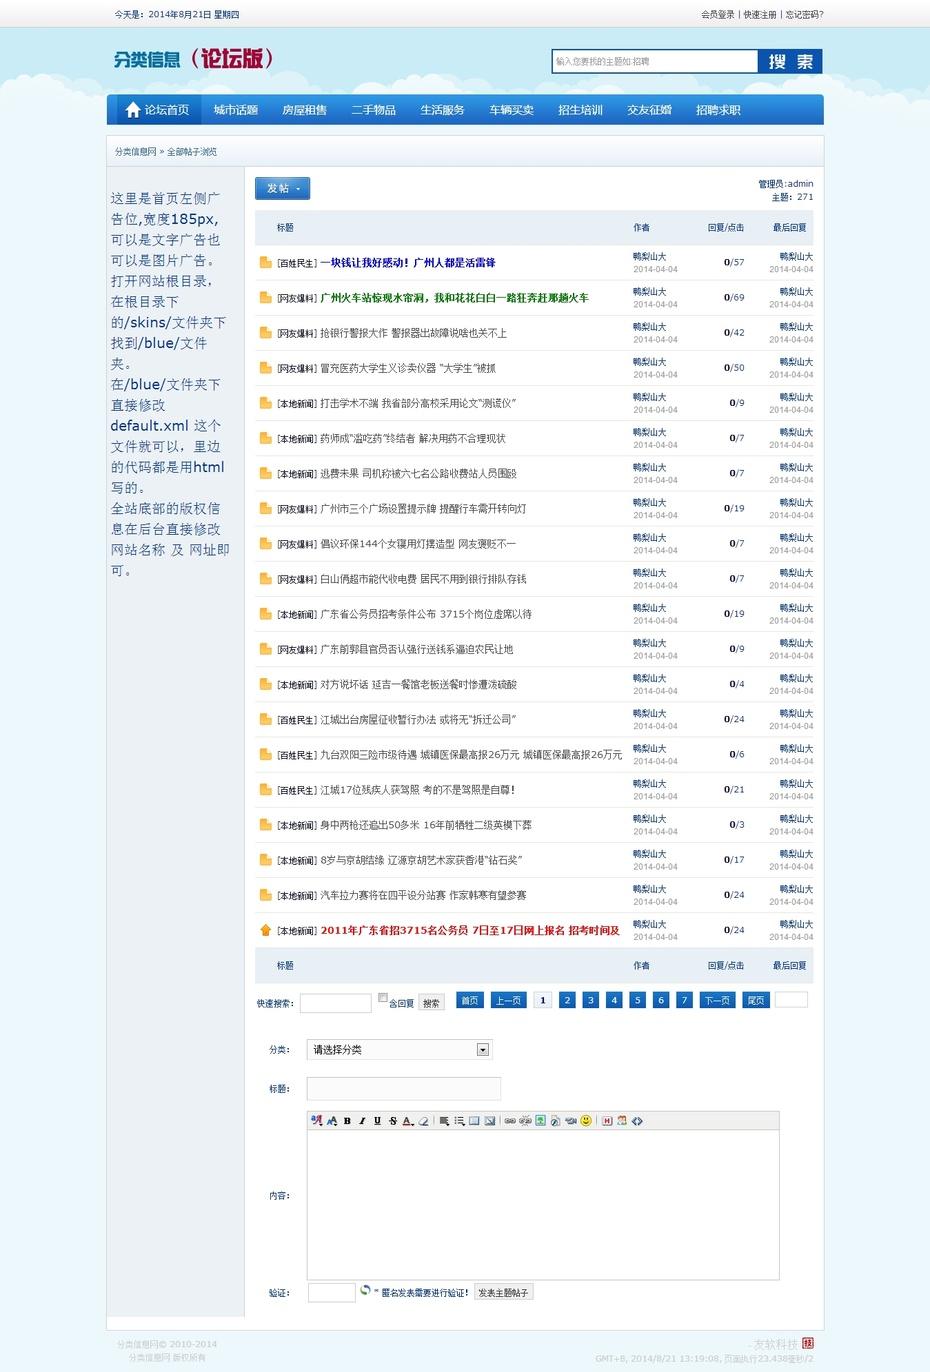 分类信息首页效果图